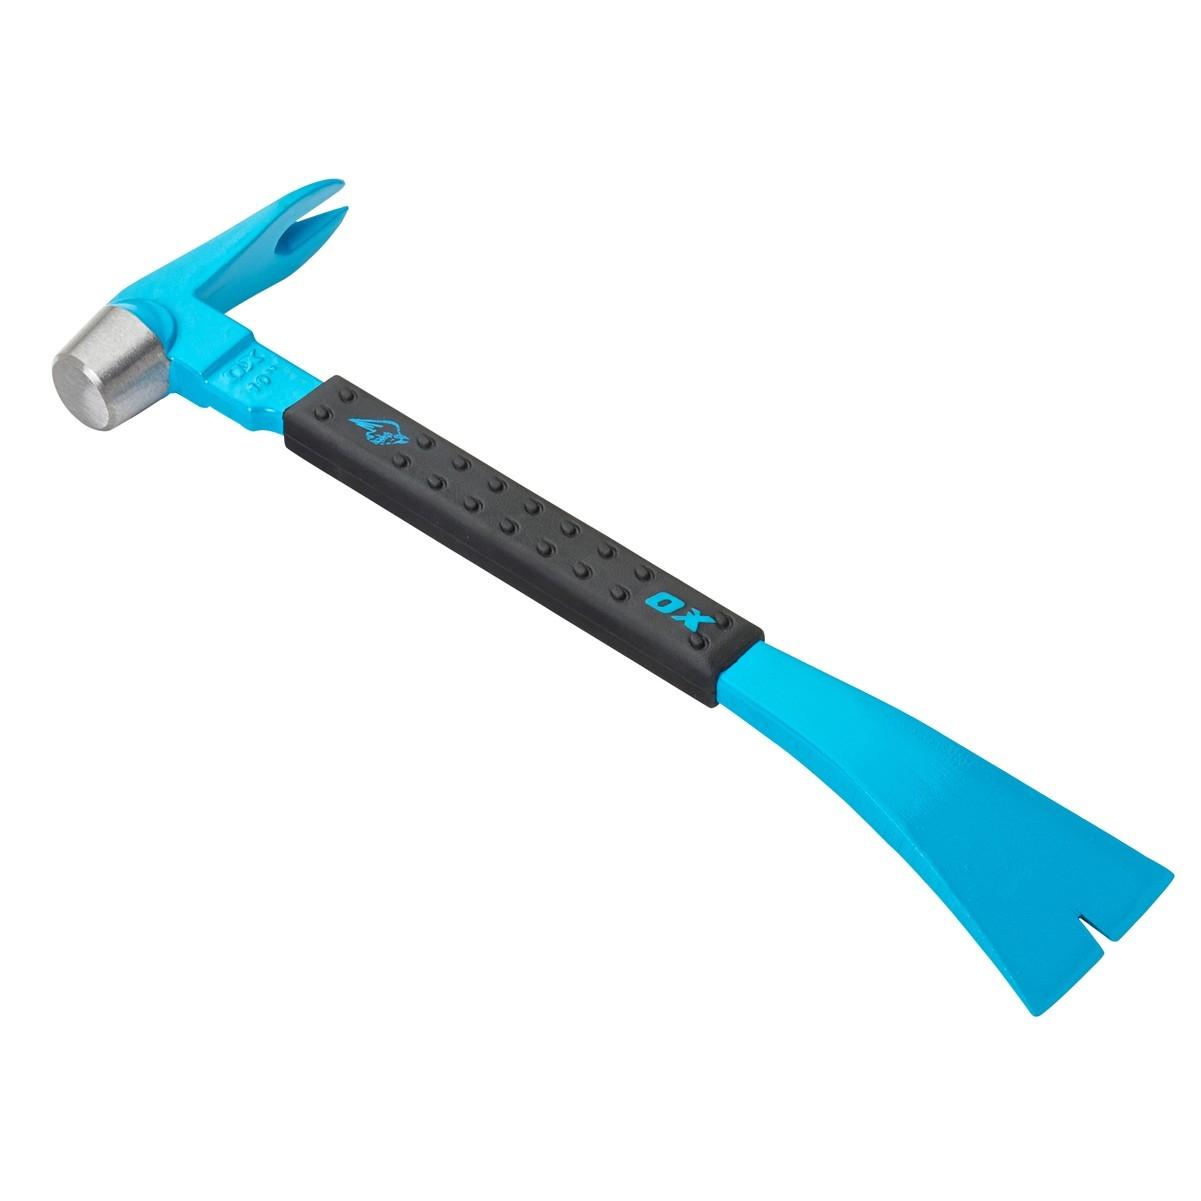 Spikutdragare OX Tools 250 mm